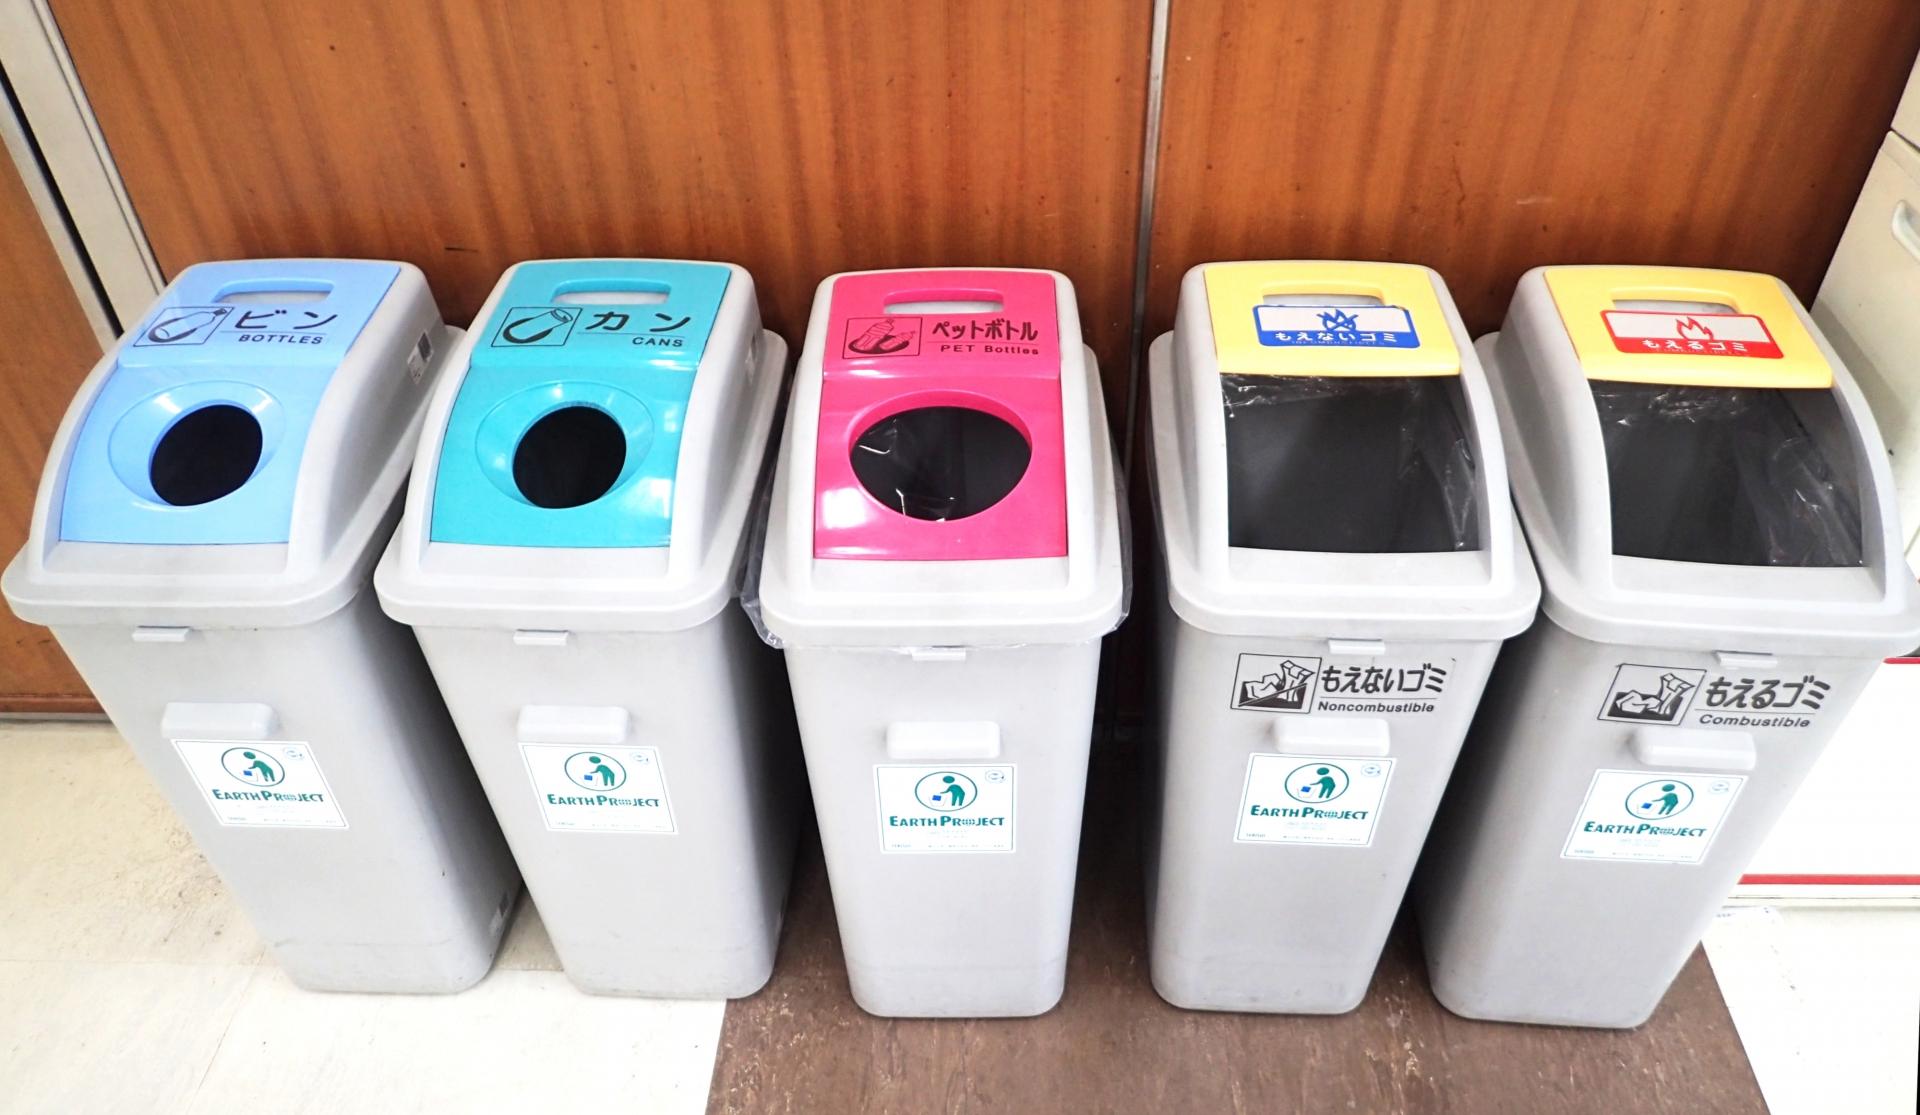 3s活動の清掃の基本~ゴミとゴミ箱との関係を知る~